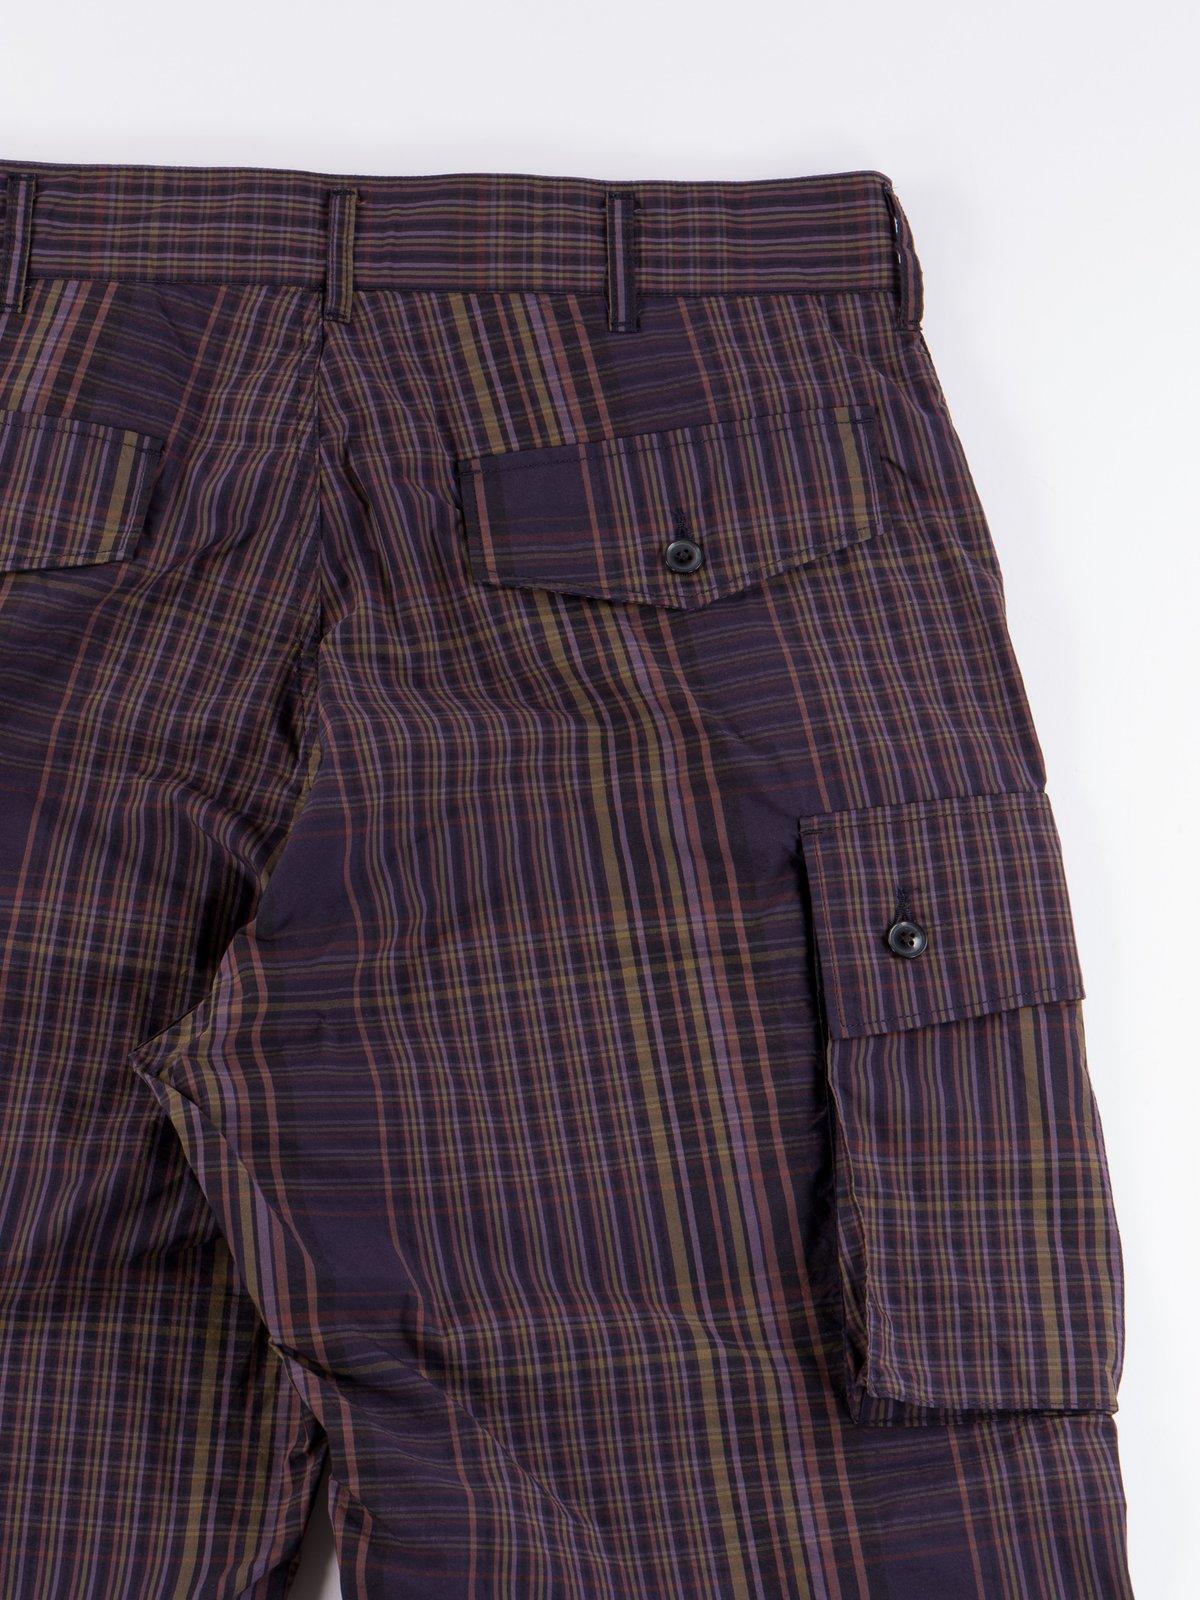 Multi Color Nyco Plaid FA Pant - Image 7